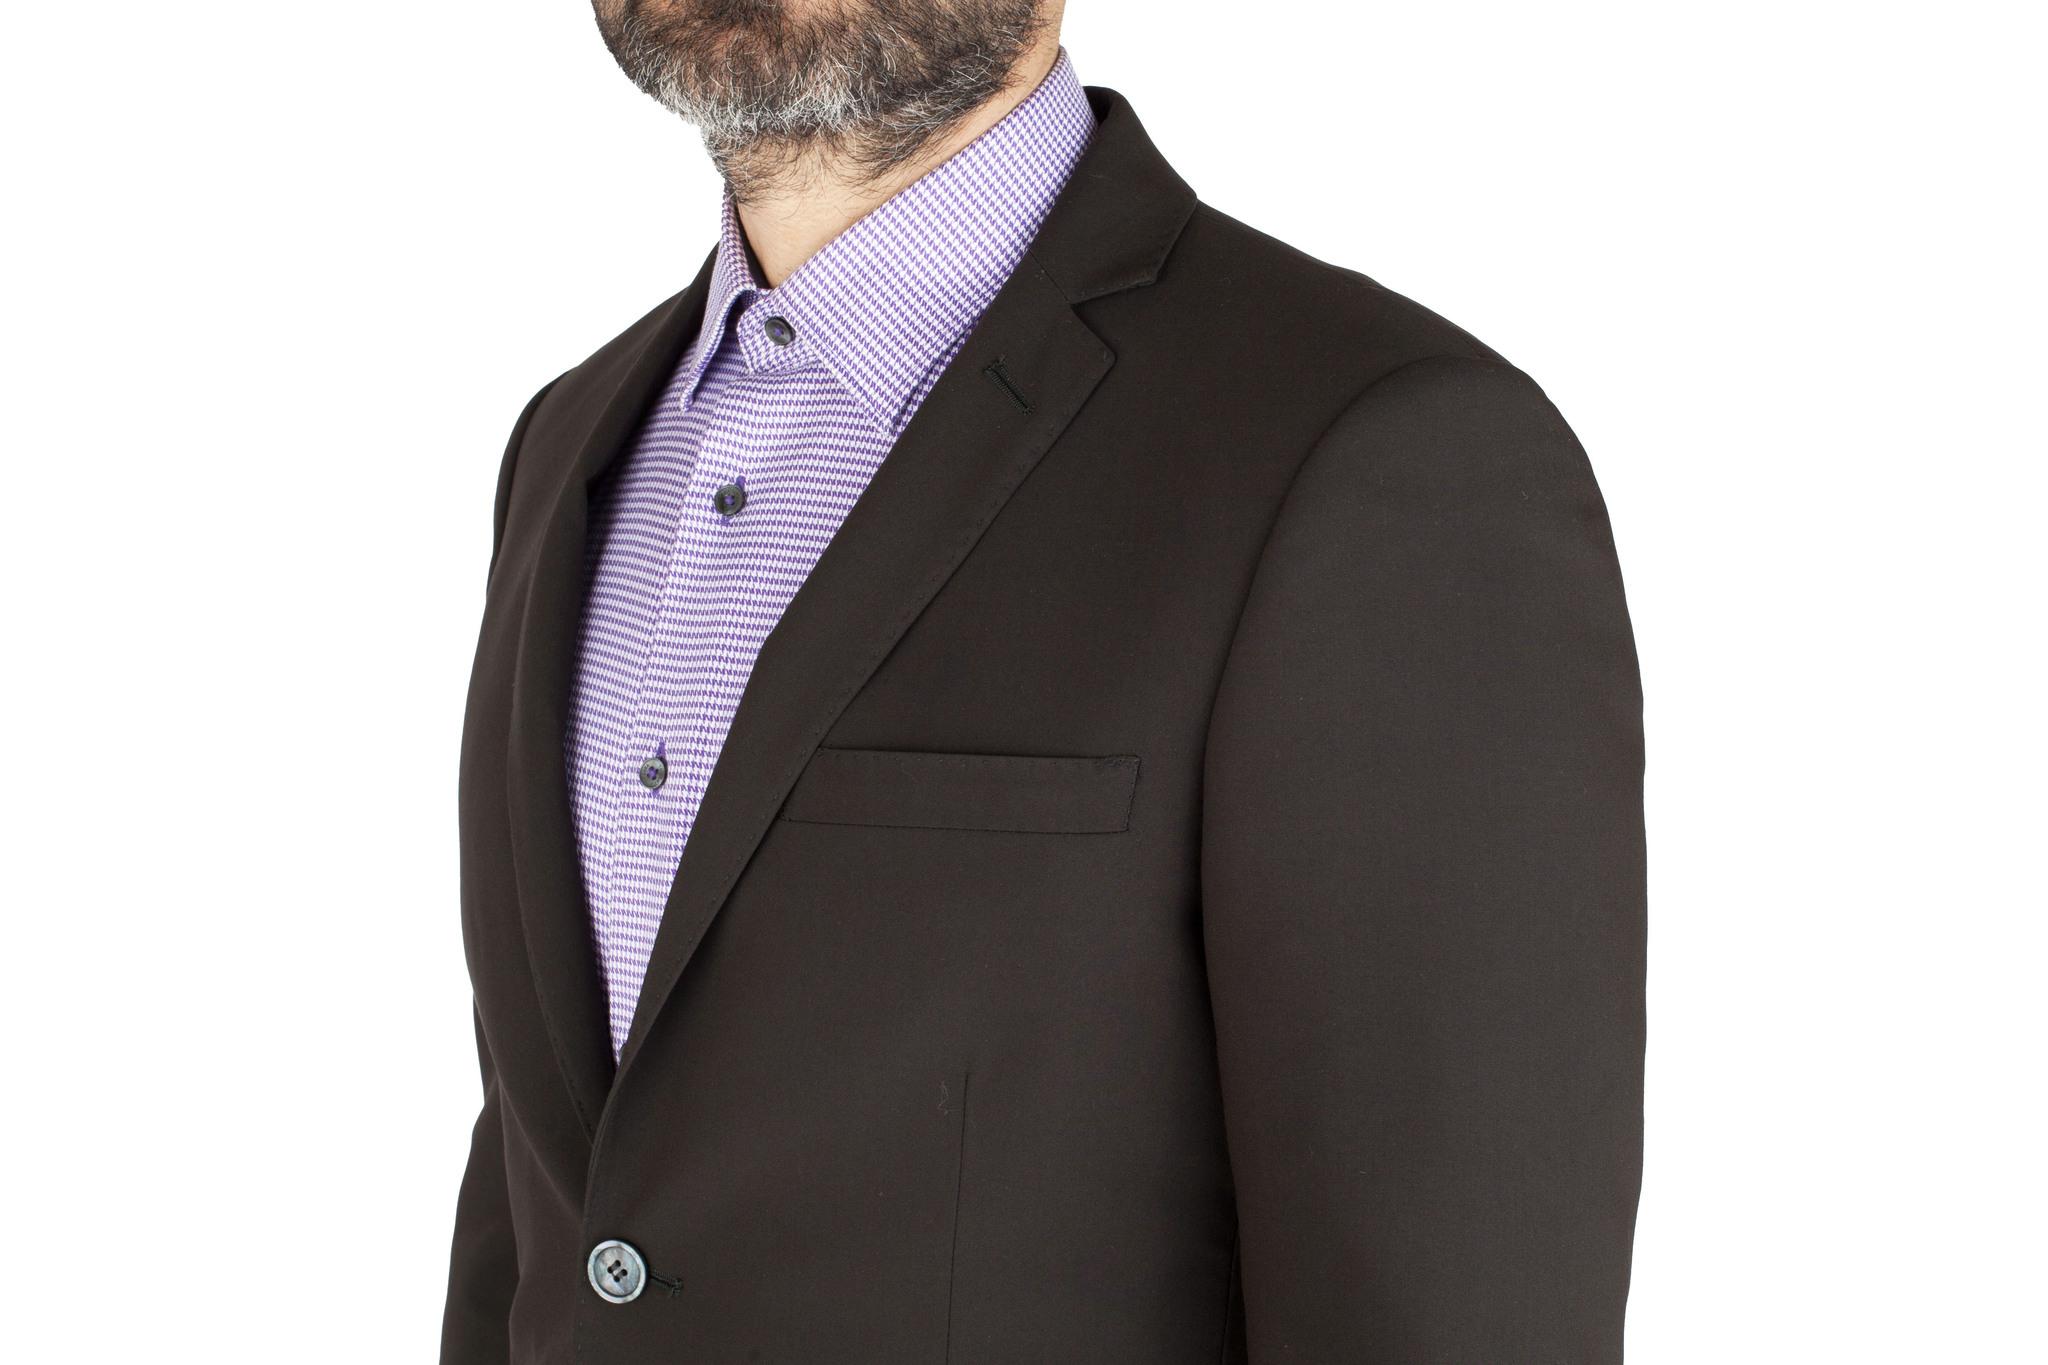 Чёрный шерстяной костюм, нагрудный карман